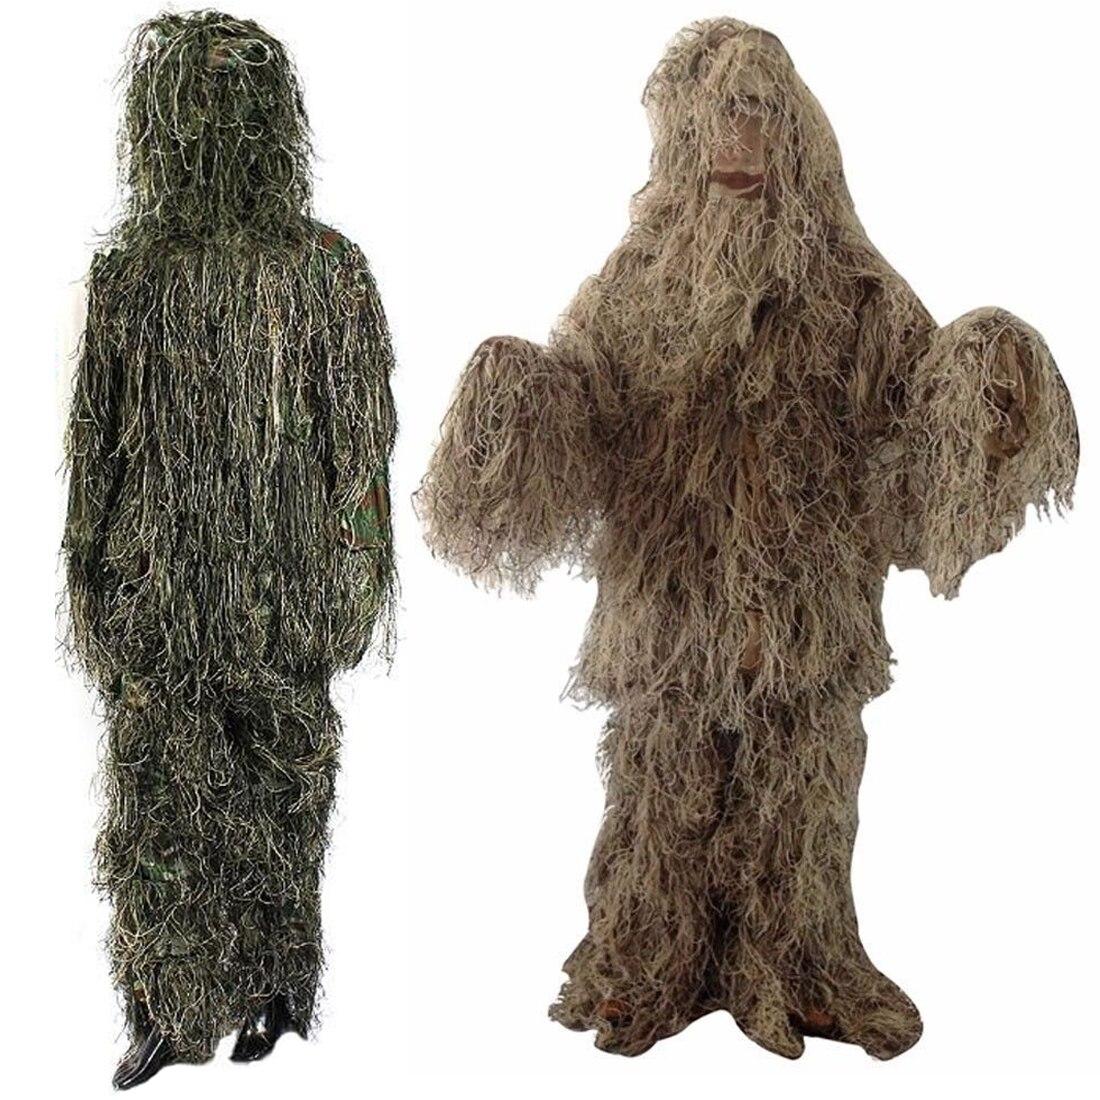 Réglable Taille Unisexe Camouflage Costumes Woodland Vêtements Ghillie Costume Pour La Chasse Armée Militaire Tactique Sniper Set Kits